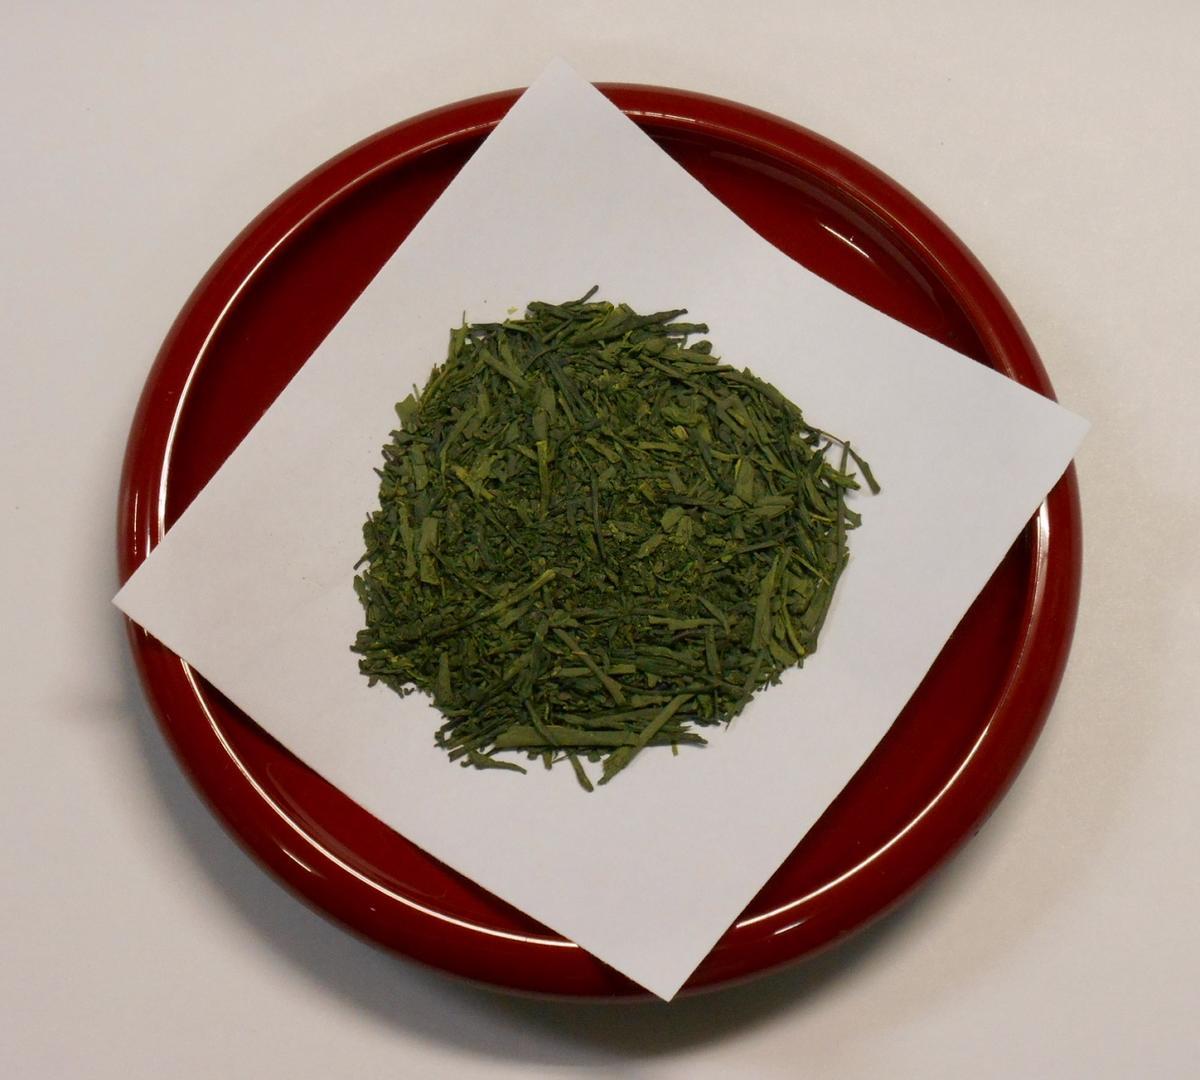 【鹿児島 煎茶】深みどり 抹茶入煎茶「緑」10...の紹介画像2